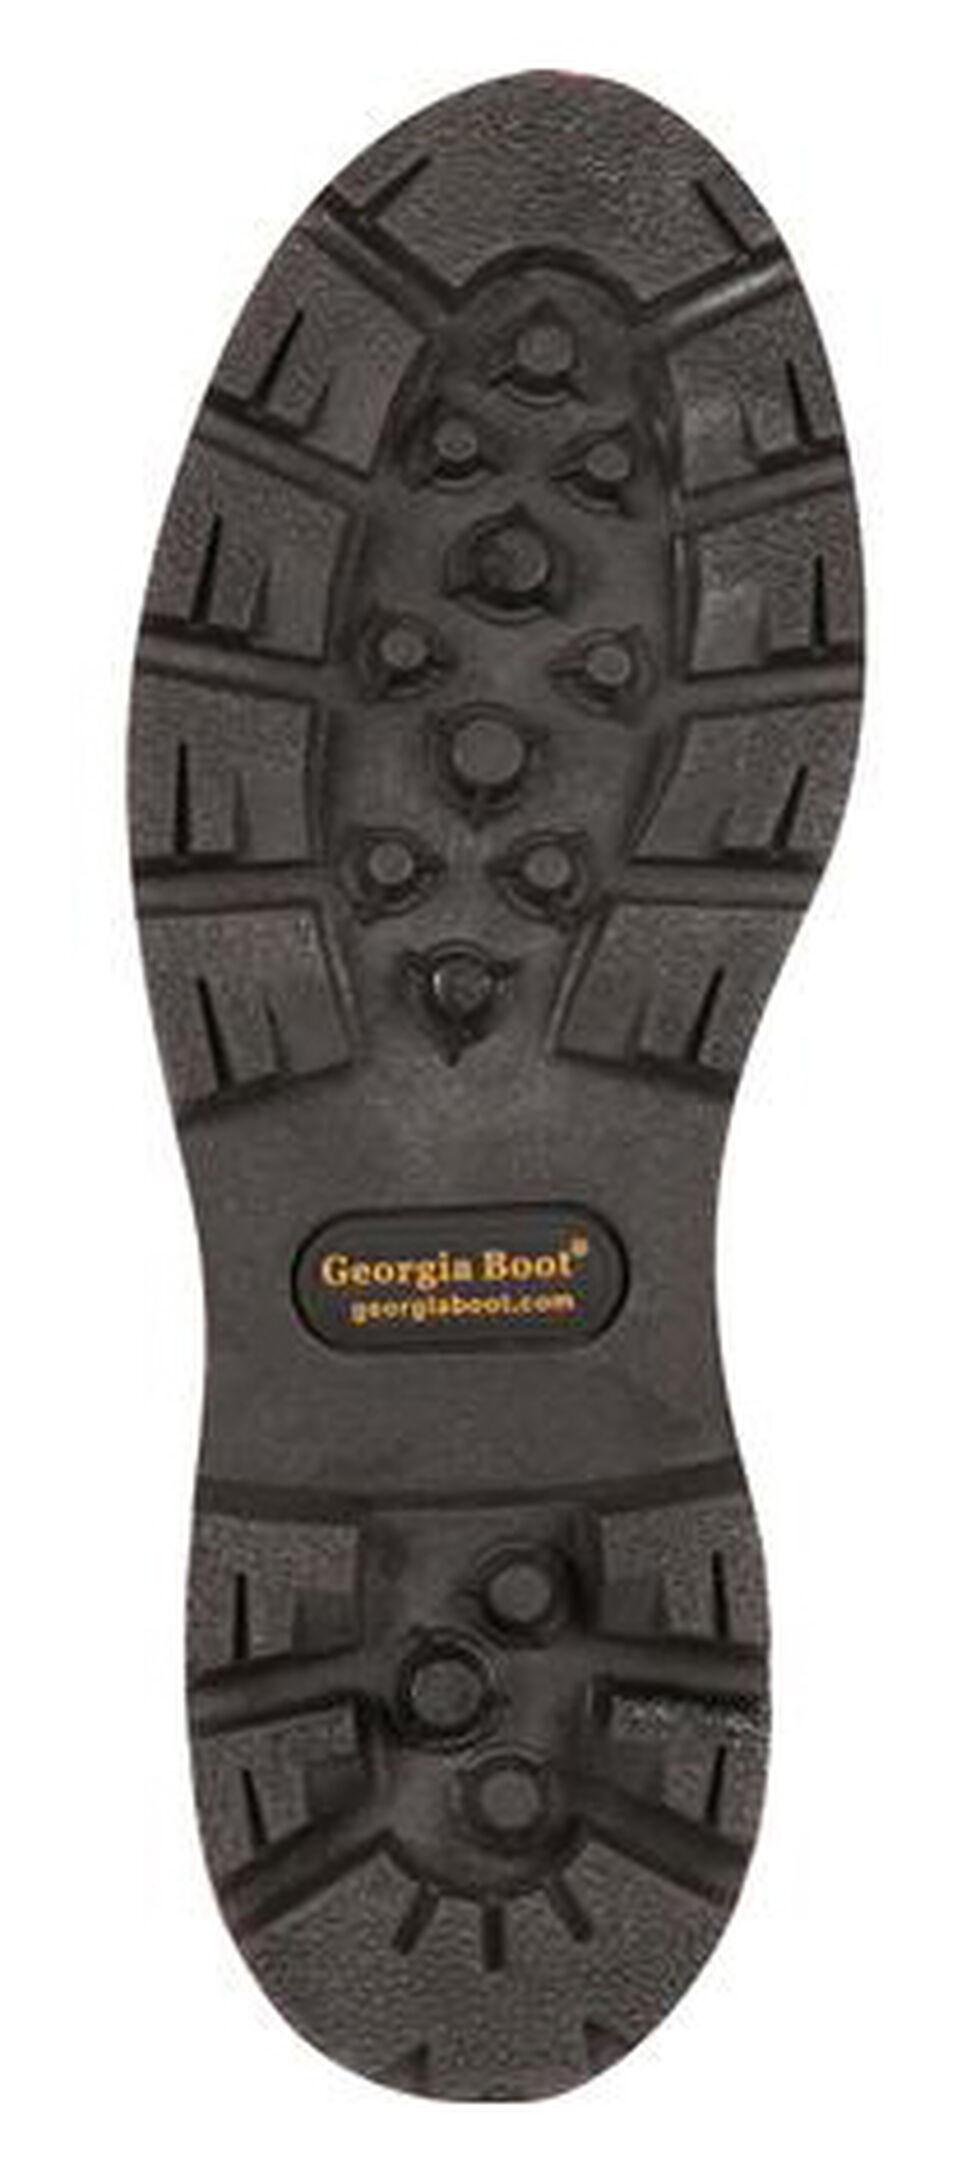 Georgia Homeland Waterproof Work Boots - Steel Toe, Brown, hi-res